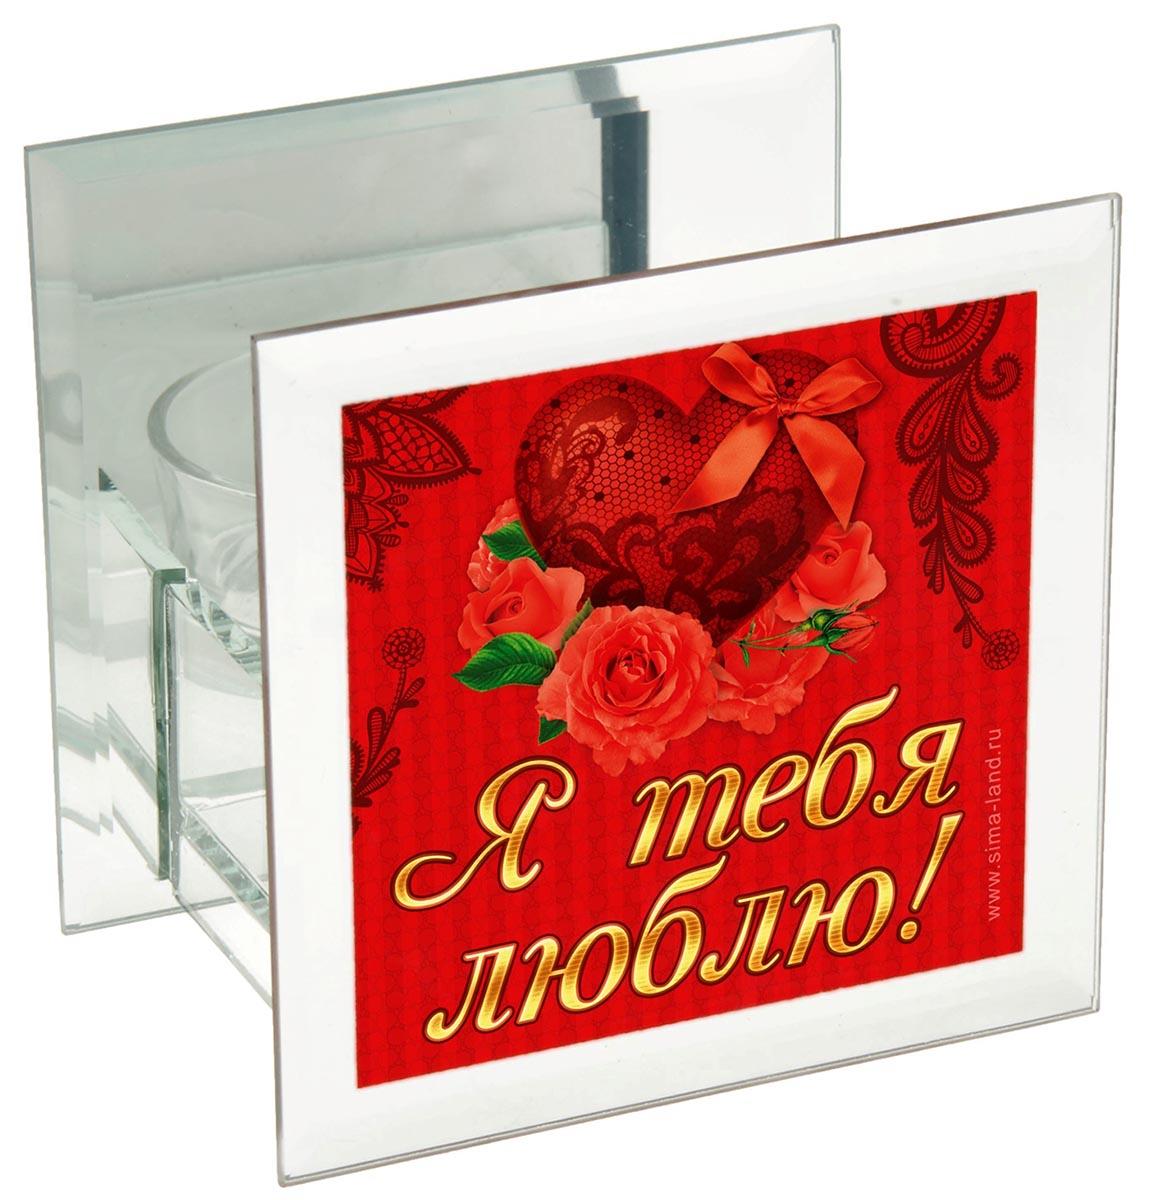 Подсвечник Я тебя люблю, цвет: прозрачный, красный, 6,5 х 10 х 10 см882570Специально ко Дню всех влюбленных мы создали серию сувениров для любимых и близких. Особенность этого подсвечника в необычной конструкции: свеча помещается между двух стеклянных пластин, на одной из которых расположено зеркало, а на другой изображение. Свет от пламени отражается в зеркале и рассеивается по бокам изделия. В результате романтичный рисунок ярко светится изнутри.